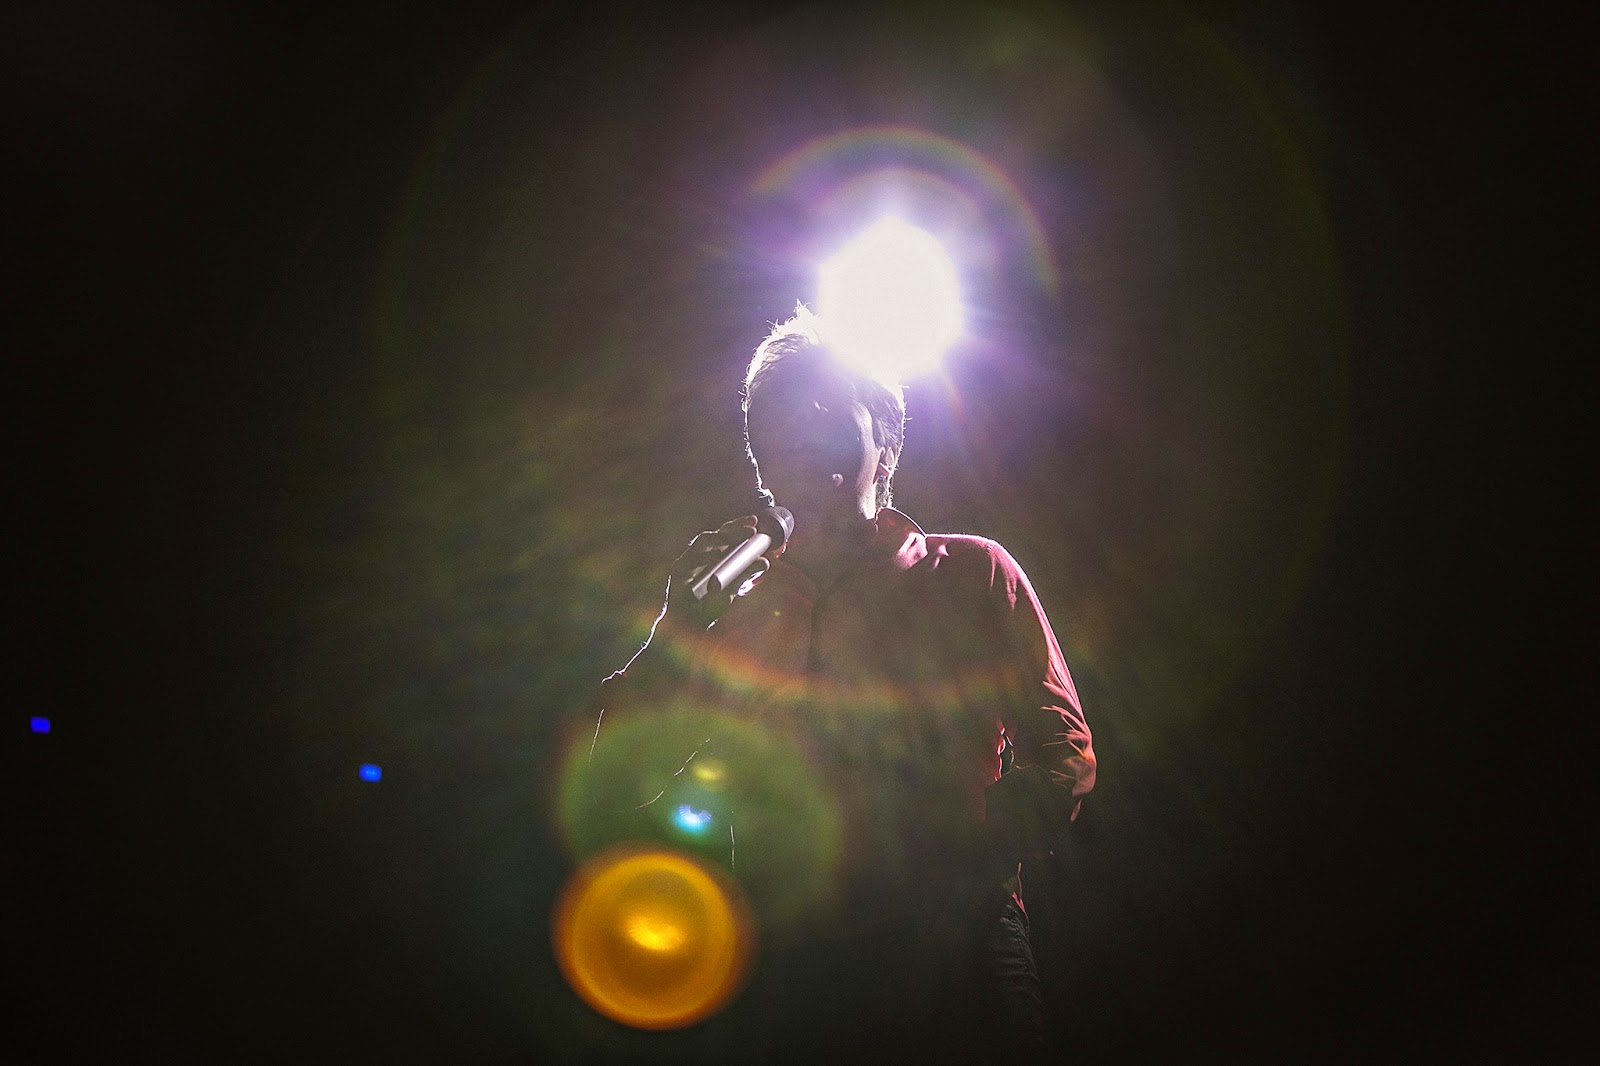 Pra Ser Feliz -Declaração de Amor-Amor Absoluto -Adoro Amar Você-Meu Mundo e Nada Mais -Evidências -Amiga-Quando O Coração Se Apaixona-A Jiripoca Vai Piar-Fricote-Nossa Senhora-Estou Apaixonado-Eu Me Amarrei-Daniel-Cantor Daniel-João Paulo e Daniel-Sertanejo-Cleber Carvalho-São Simão-Goias-GO-Show-Festival Gastronomico